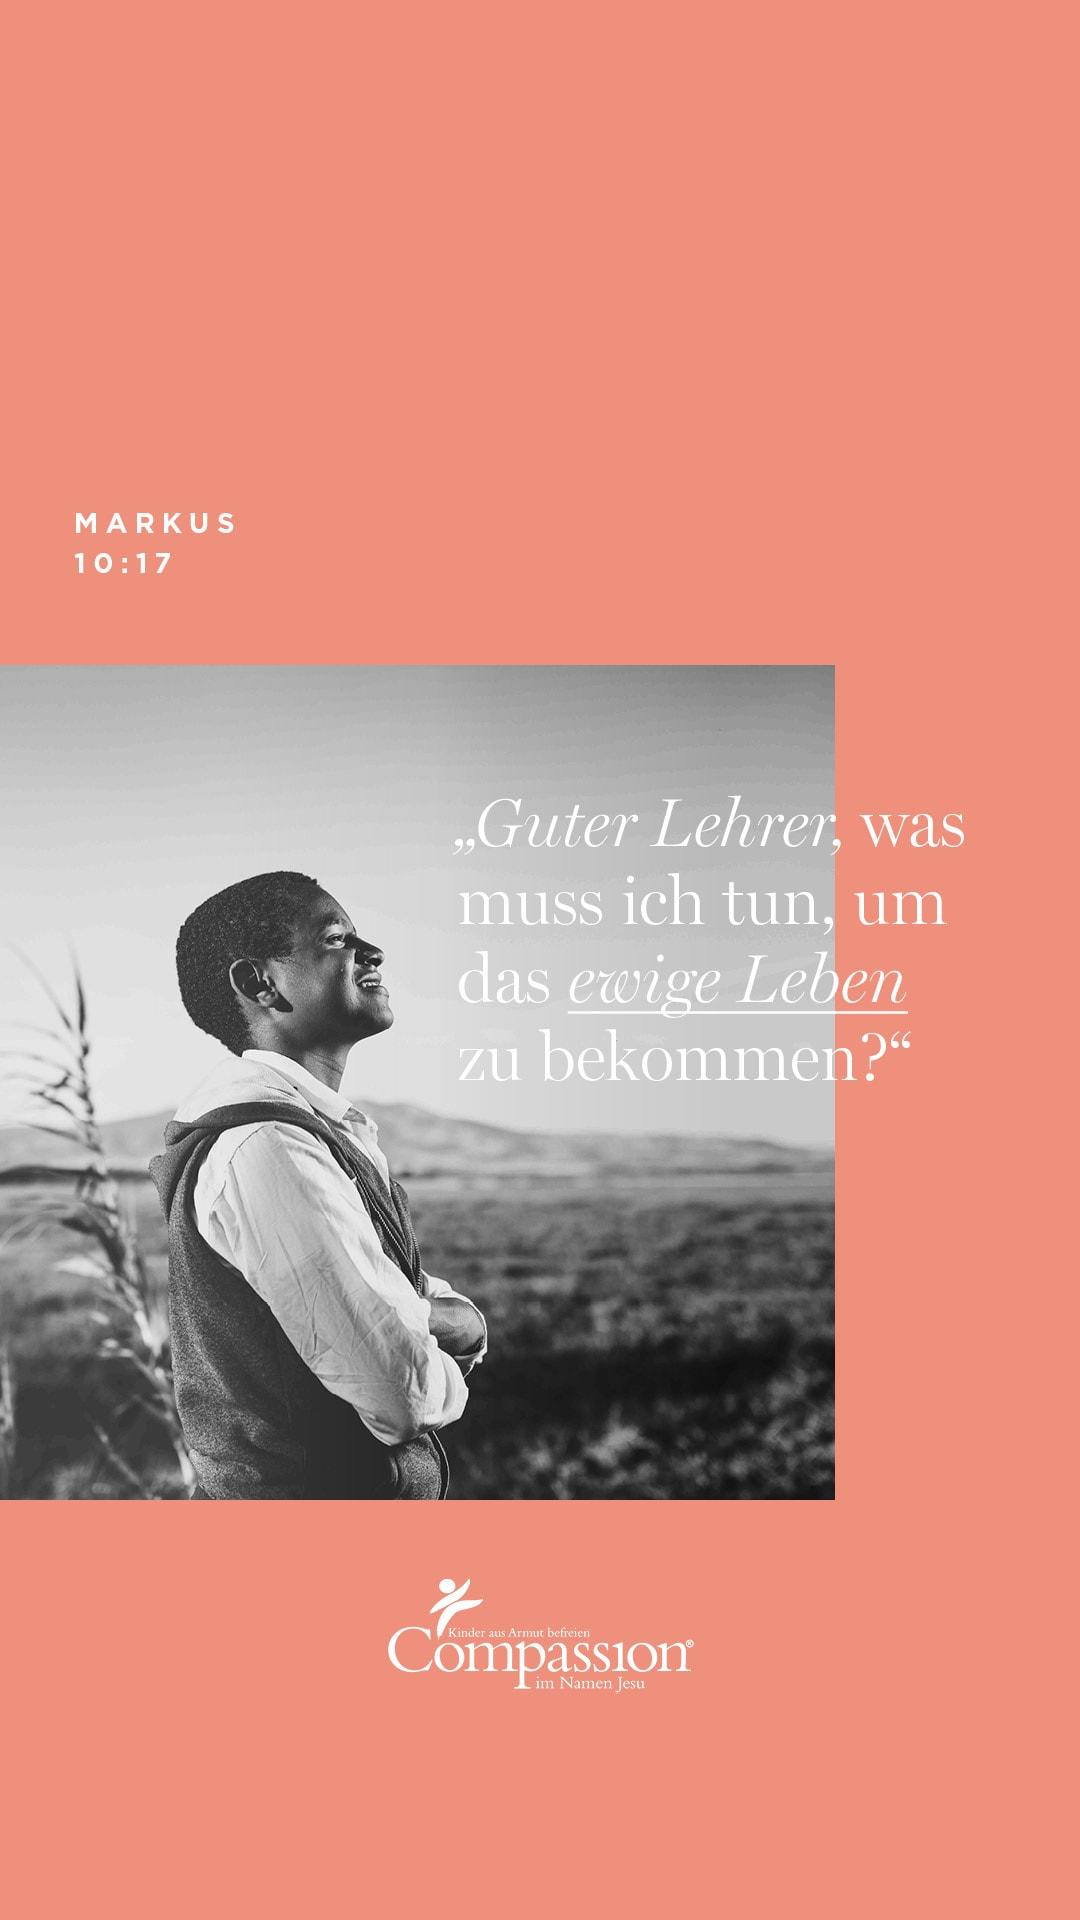 """alt=""""Markus_10_17_Wallpaper_Compassion_Deutschland"""""""